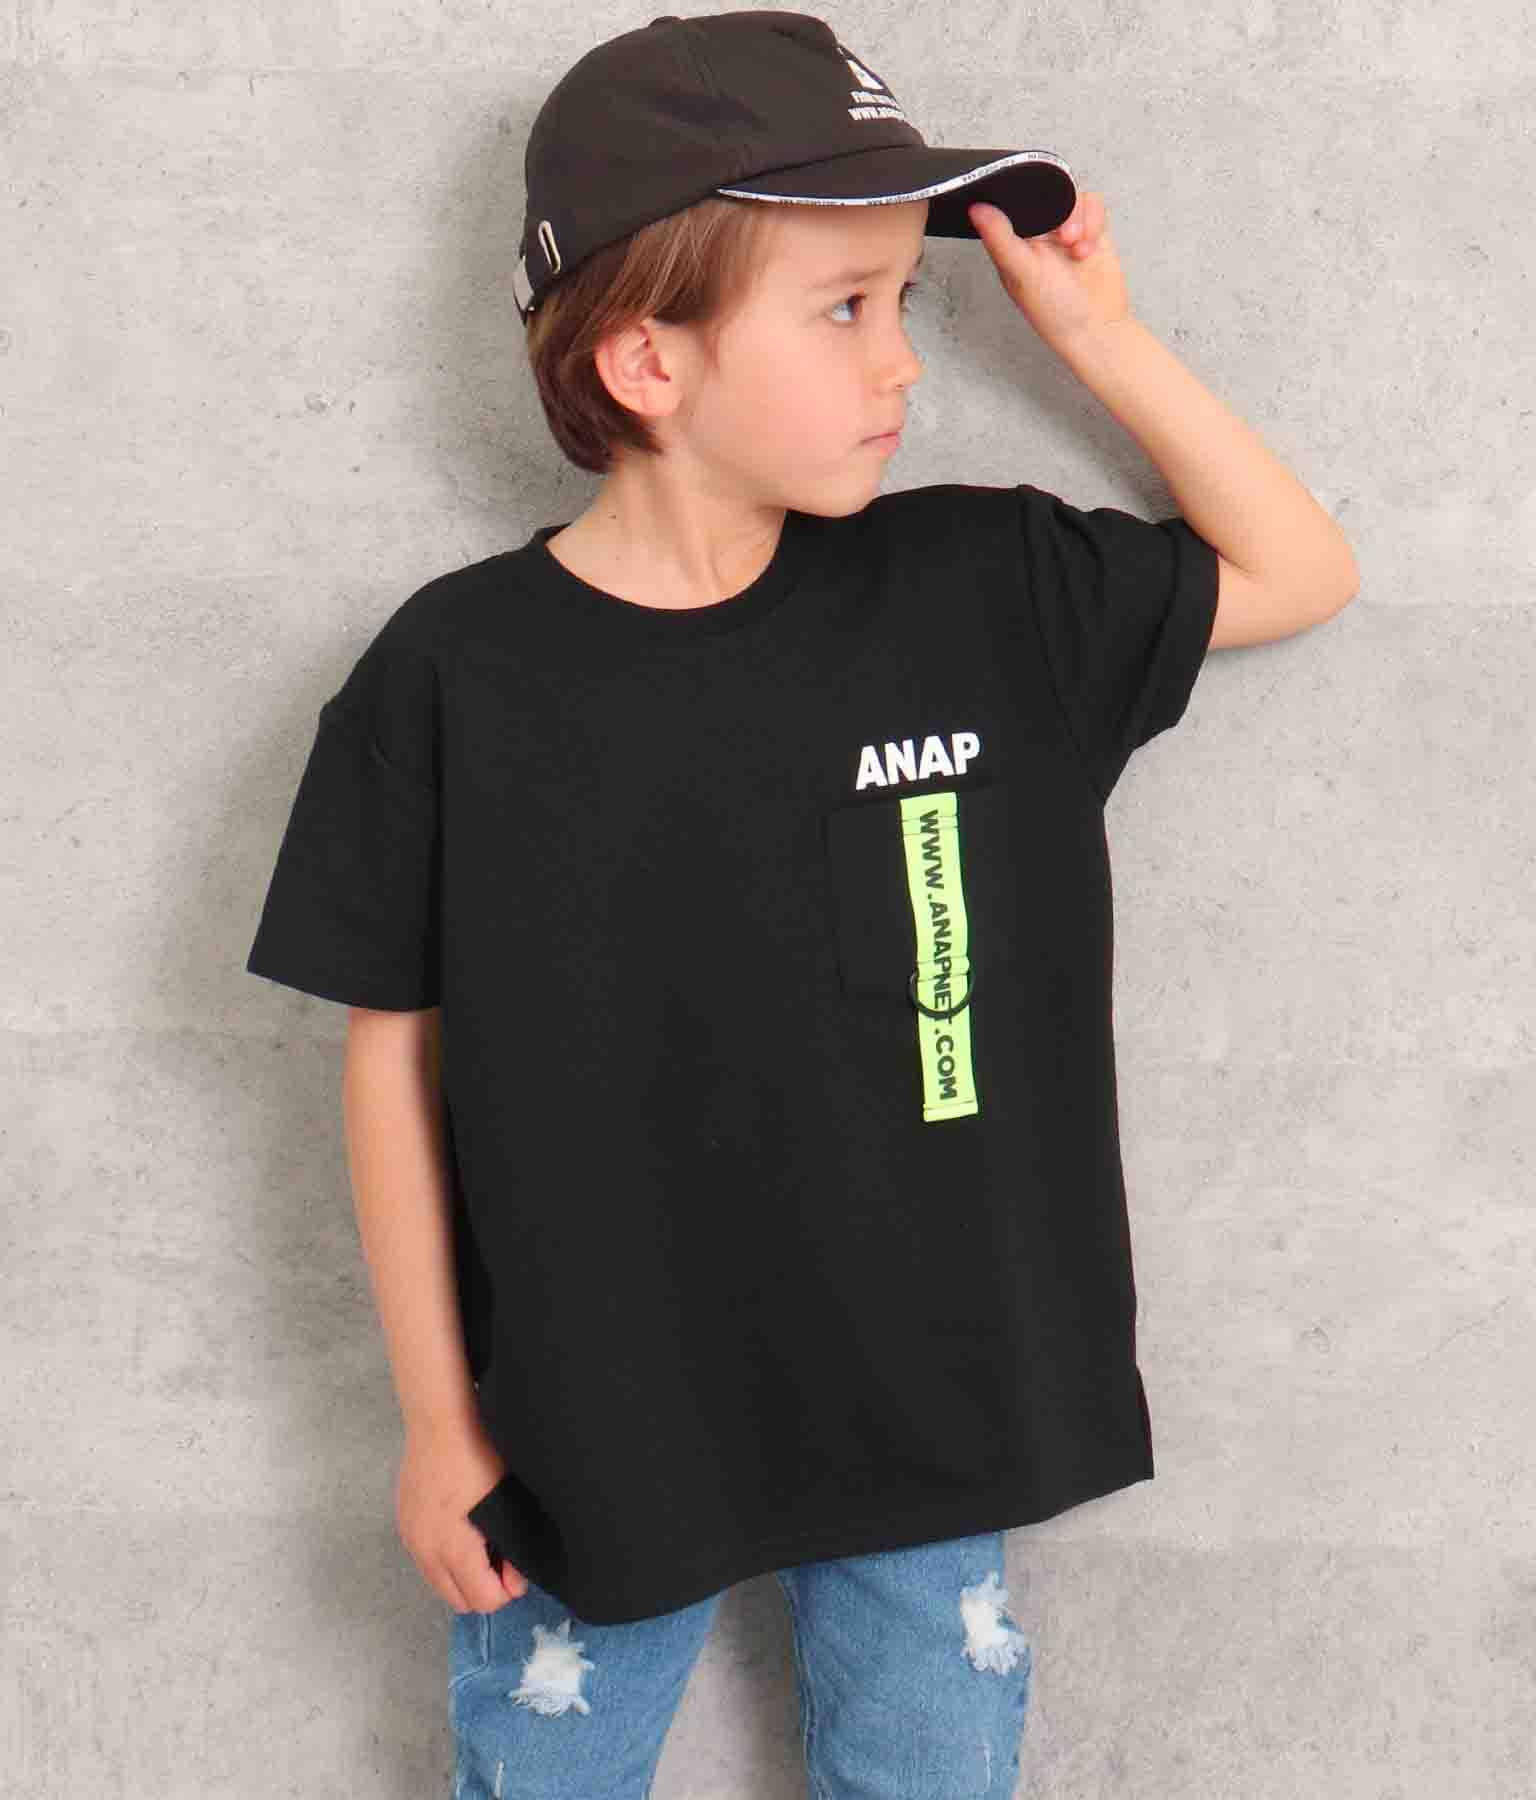 ミニ裏毛テープ付きトップス(トップス/Tシャツ)   ANAP KIDS